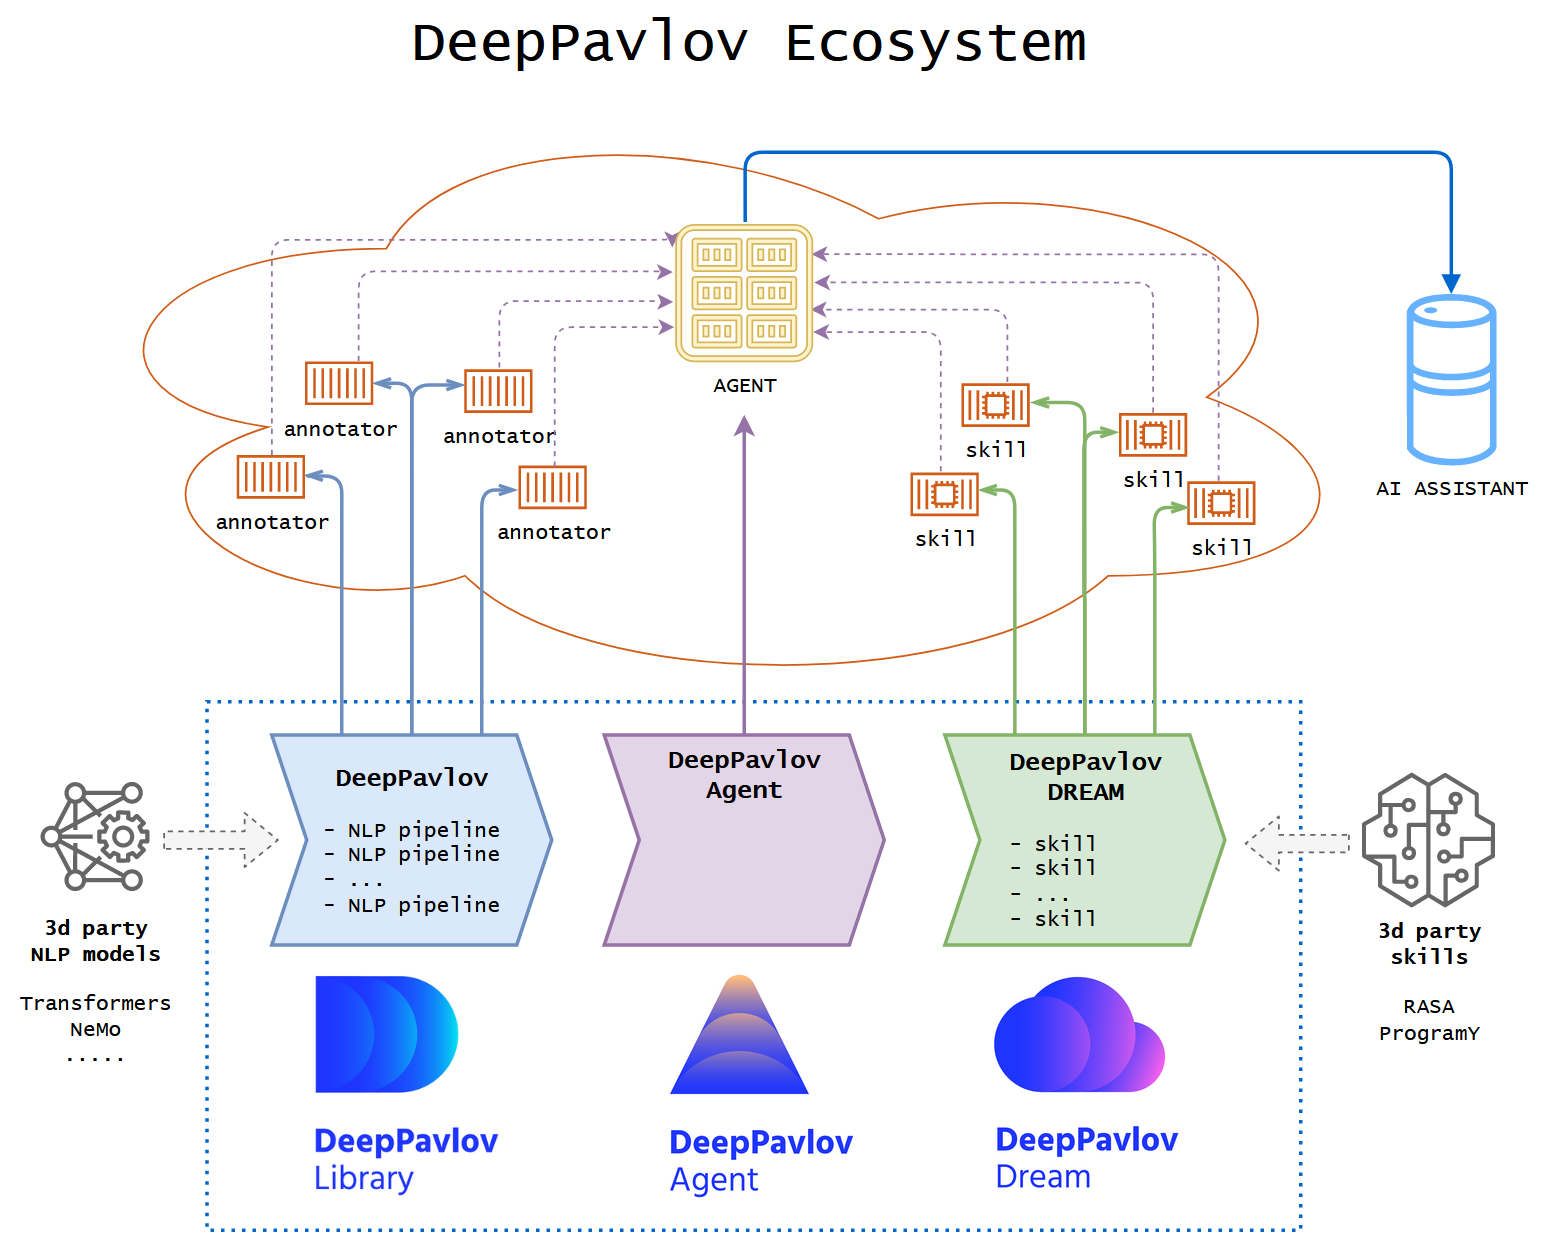 Все началось с Dream  новый ИИ-помощник от проекта DeepPavlov